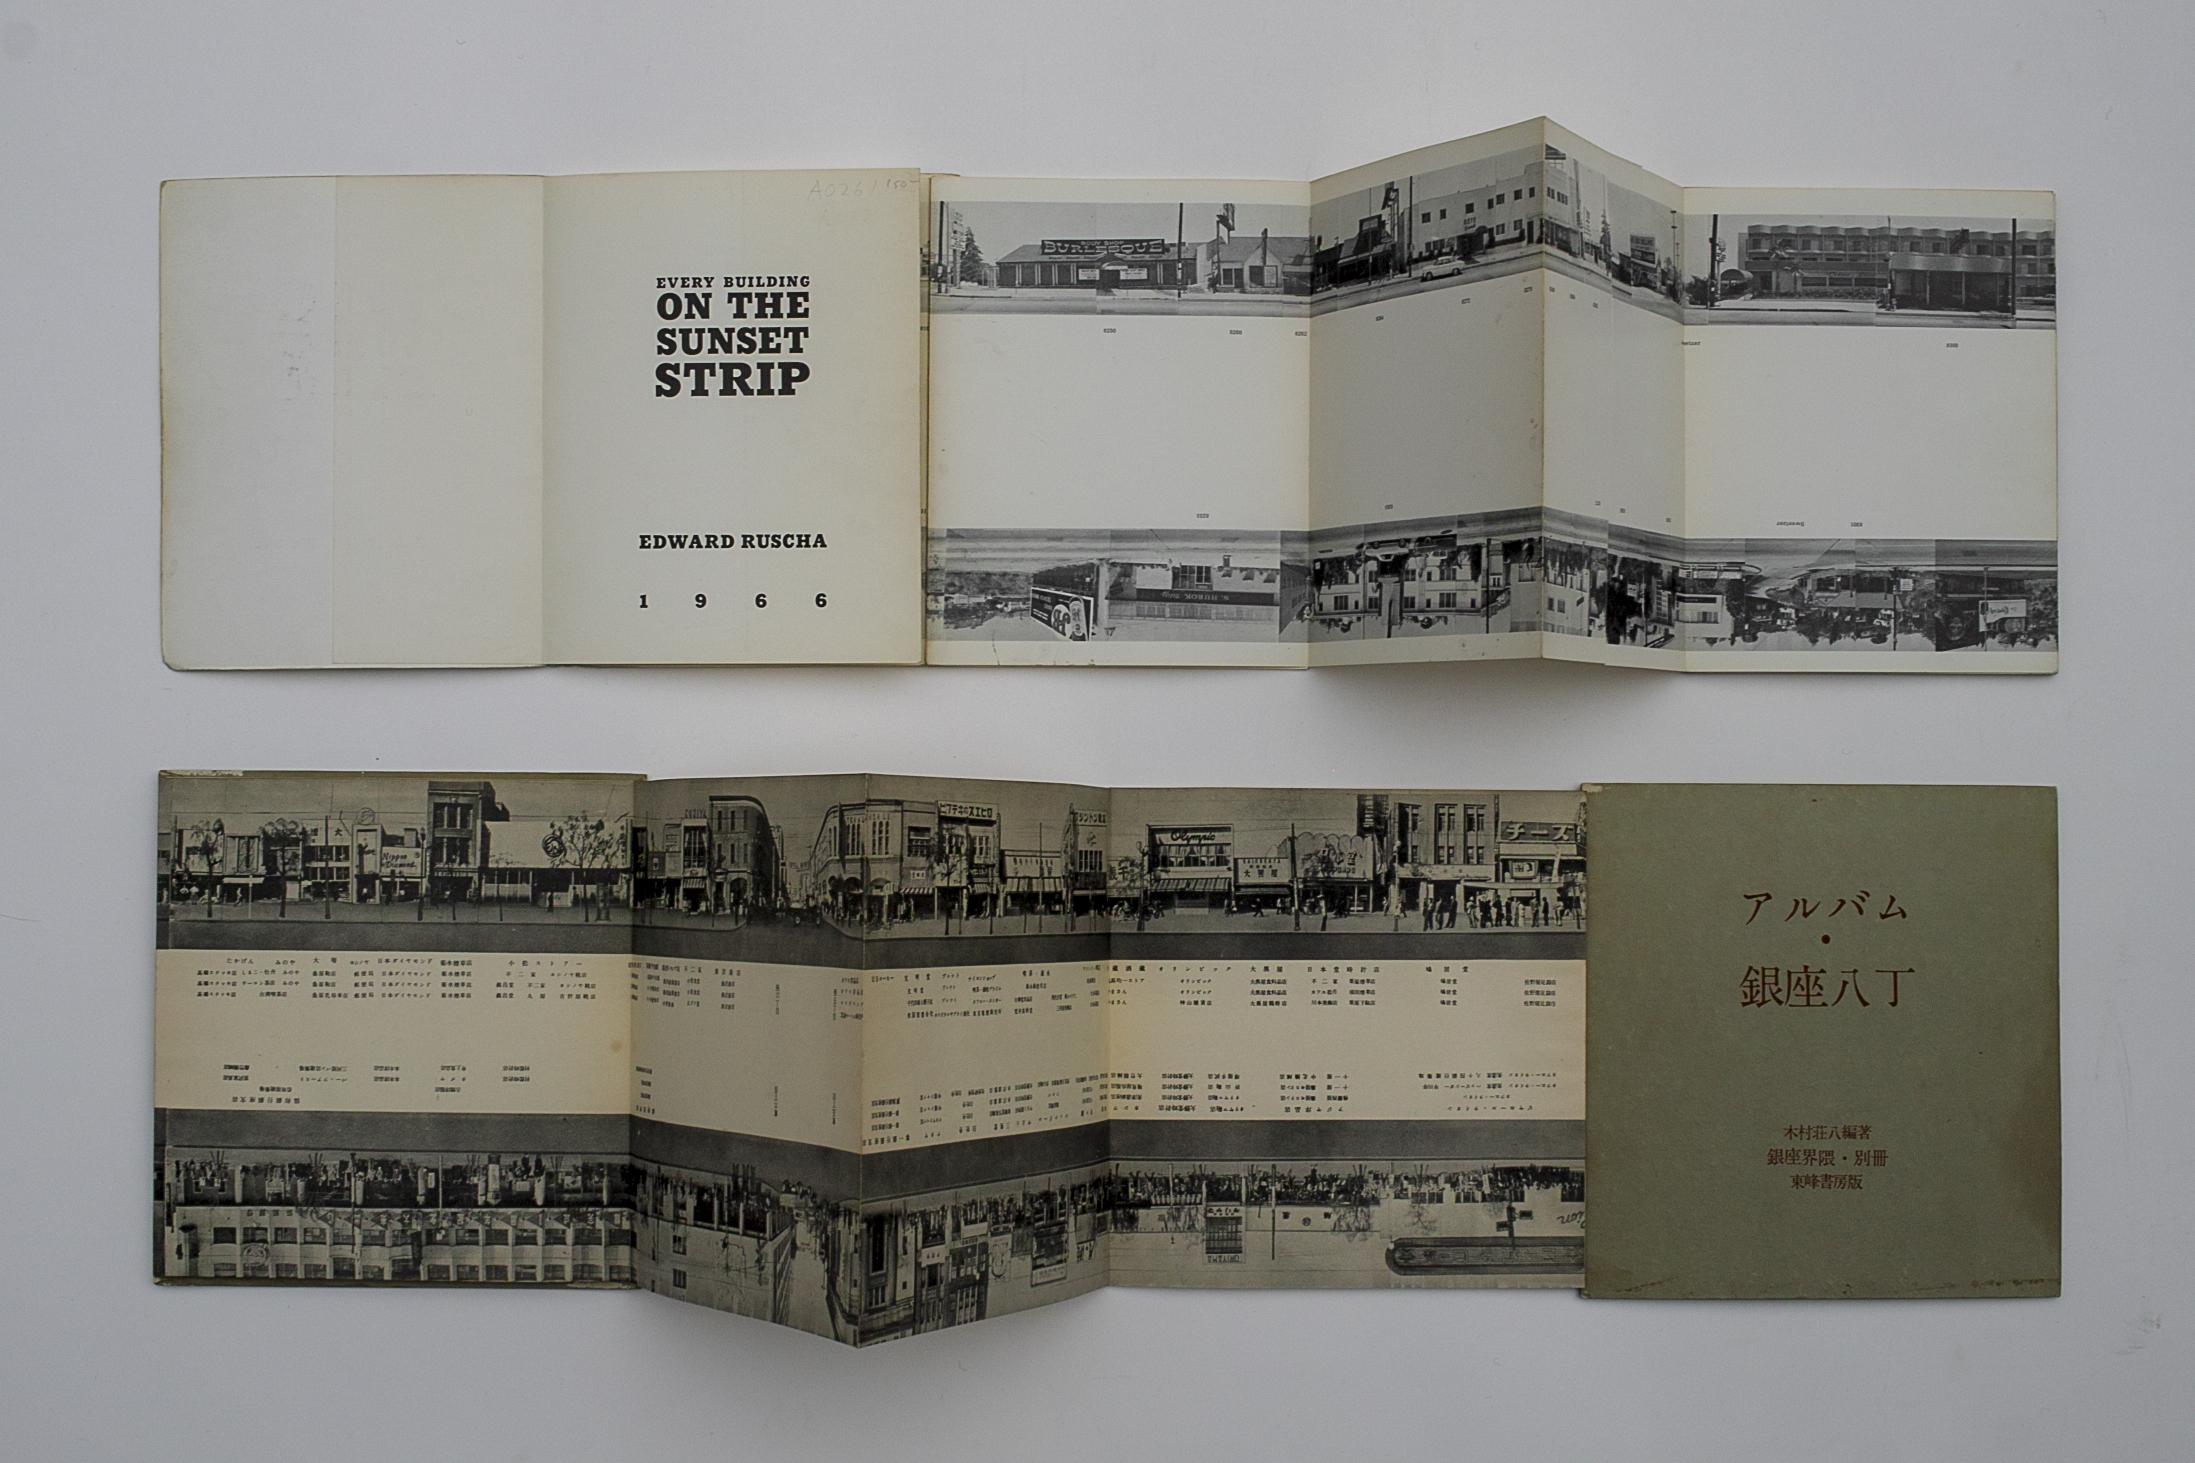 上 エドワード・ルシェ[Every Building on the Sunset Strip] 1966年 下 木村荘八著「銀座界隈」別冊「アルバム・銀座八丁」1954年